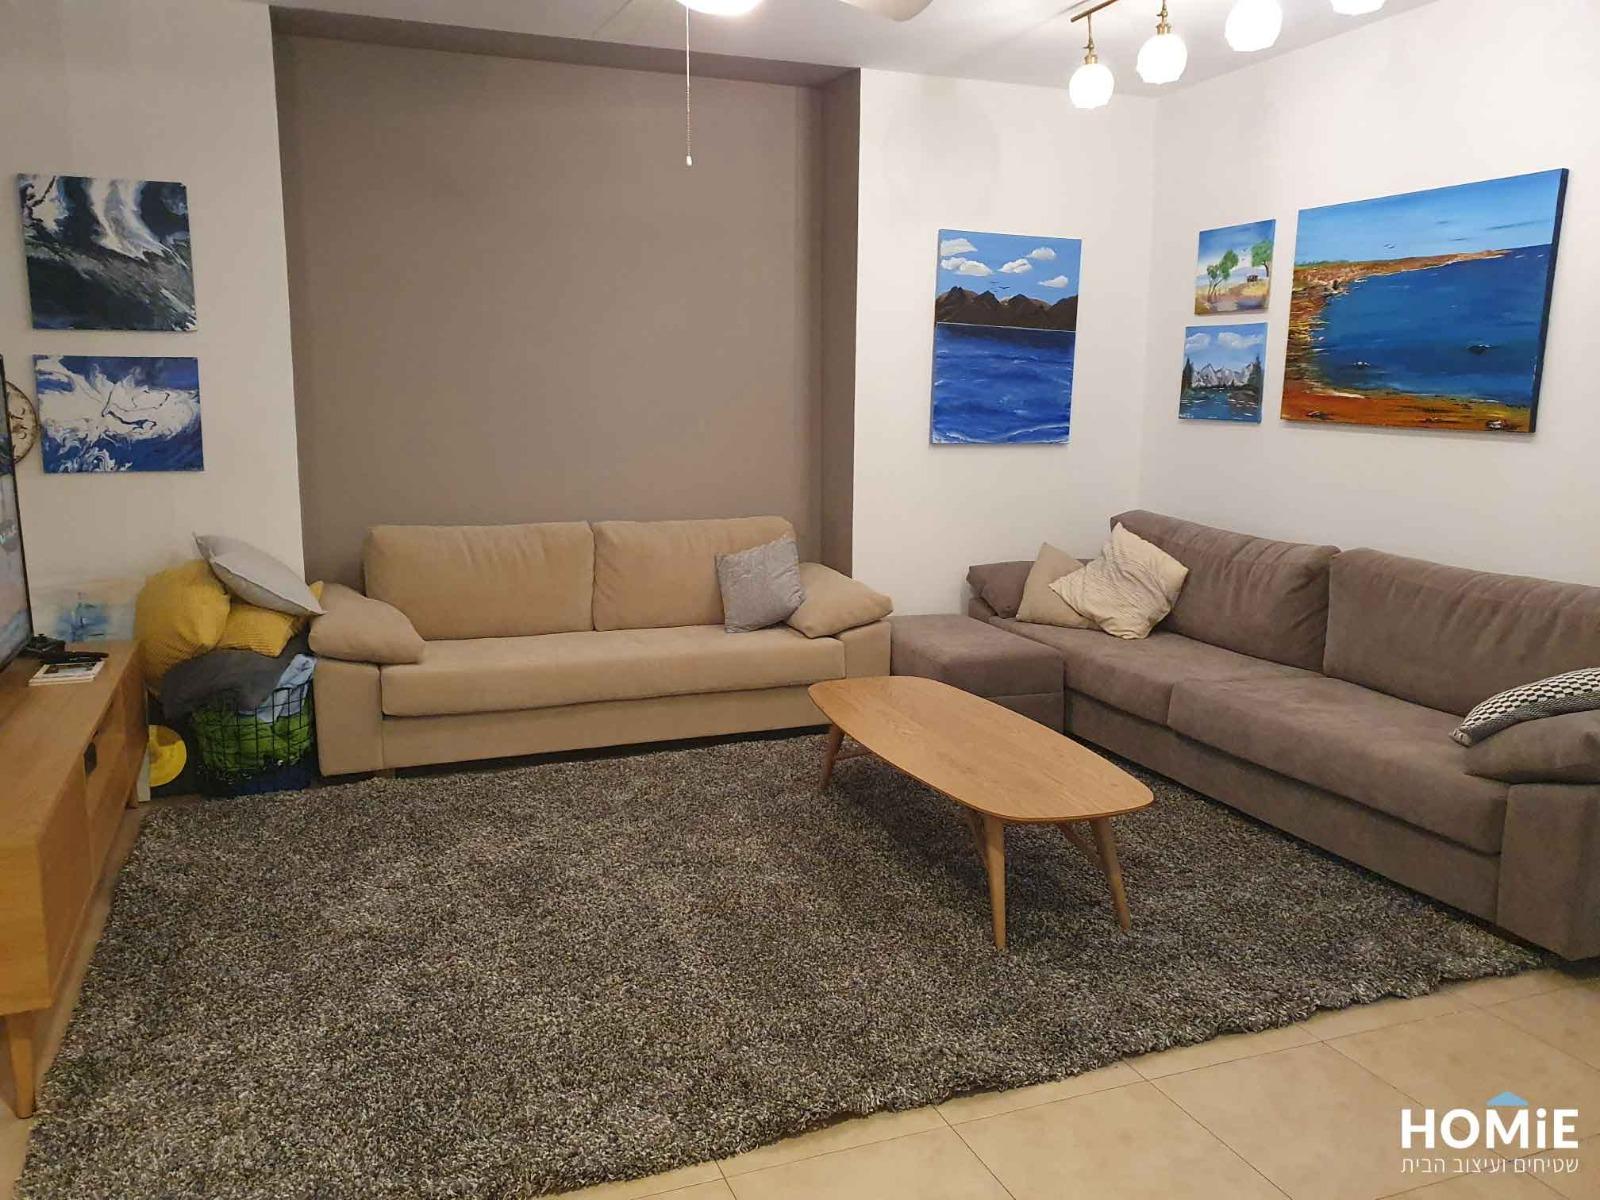 שטיח שאגי בלגי עבה אפור לסלון